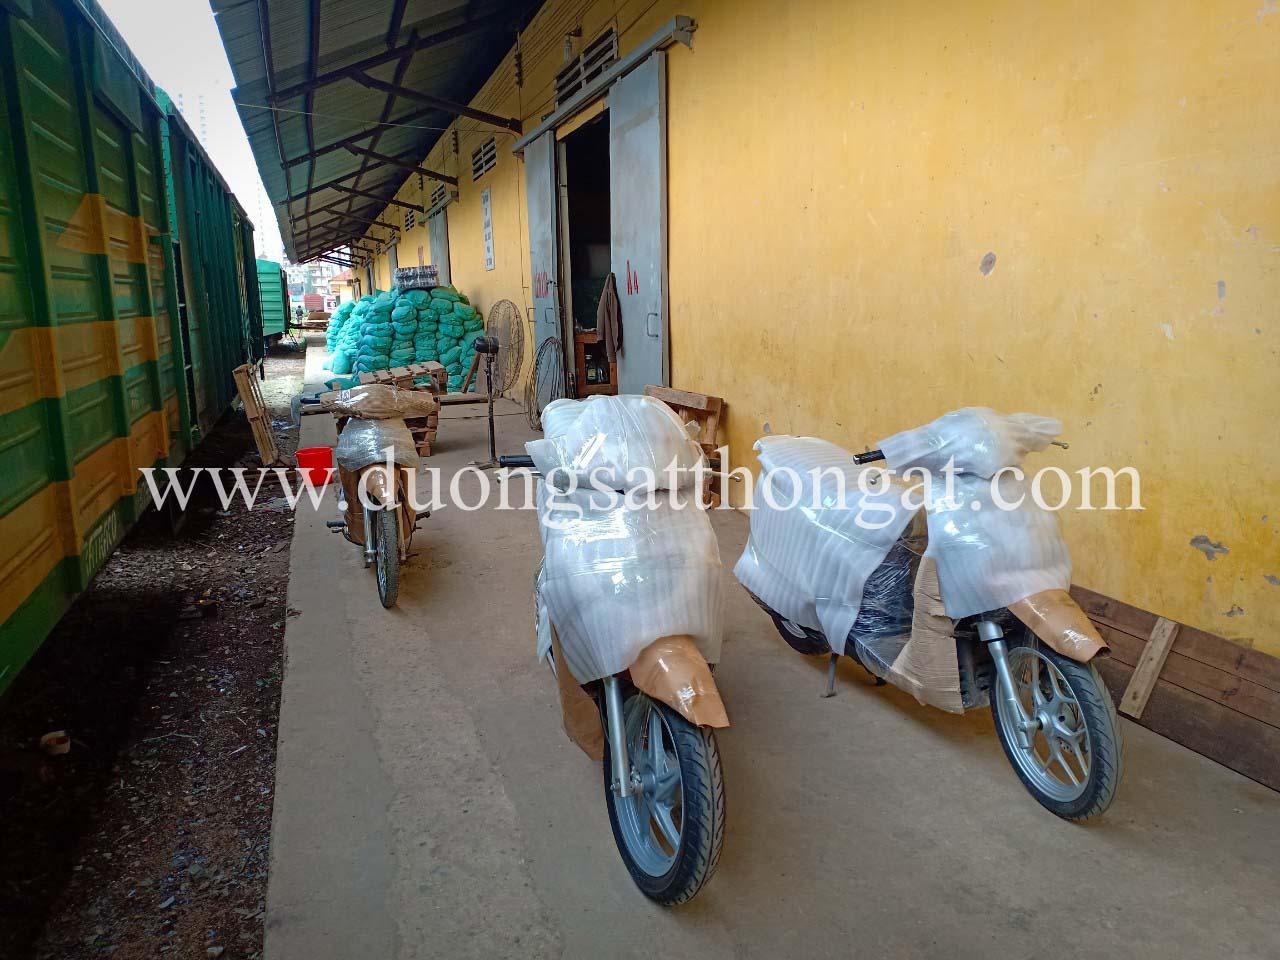 Dịch vụ gửi xe máy Bắc Nam từ Hà Nội vào Nha Trang, Đà Nẵng, Sài Gòn